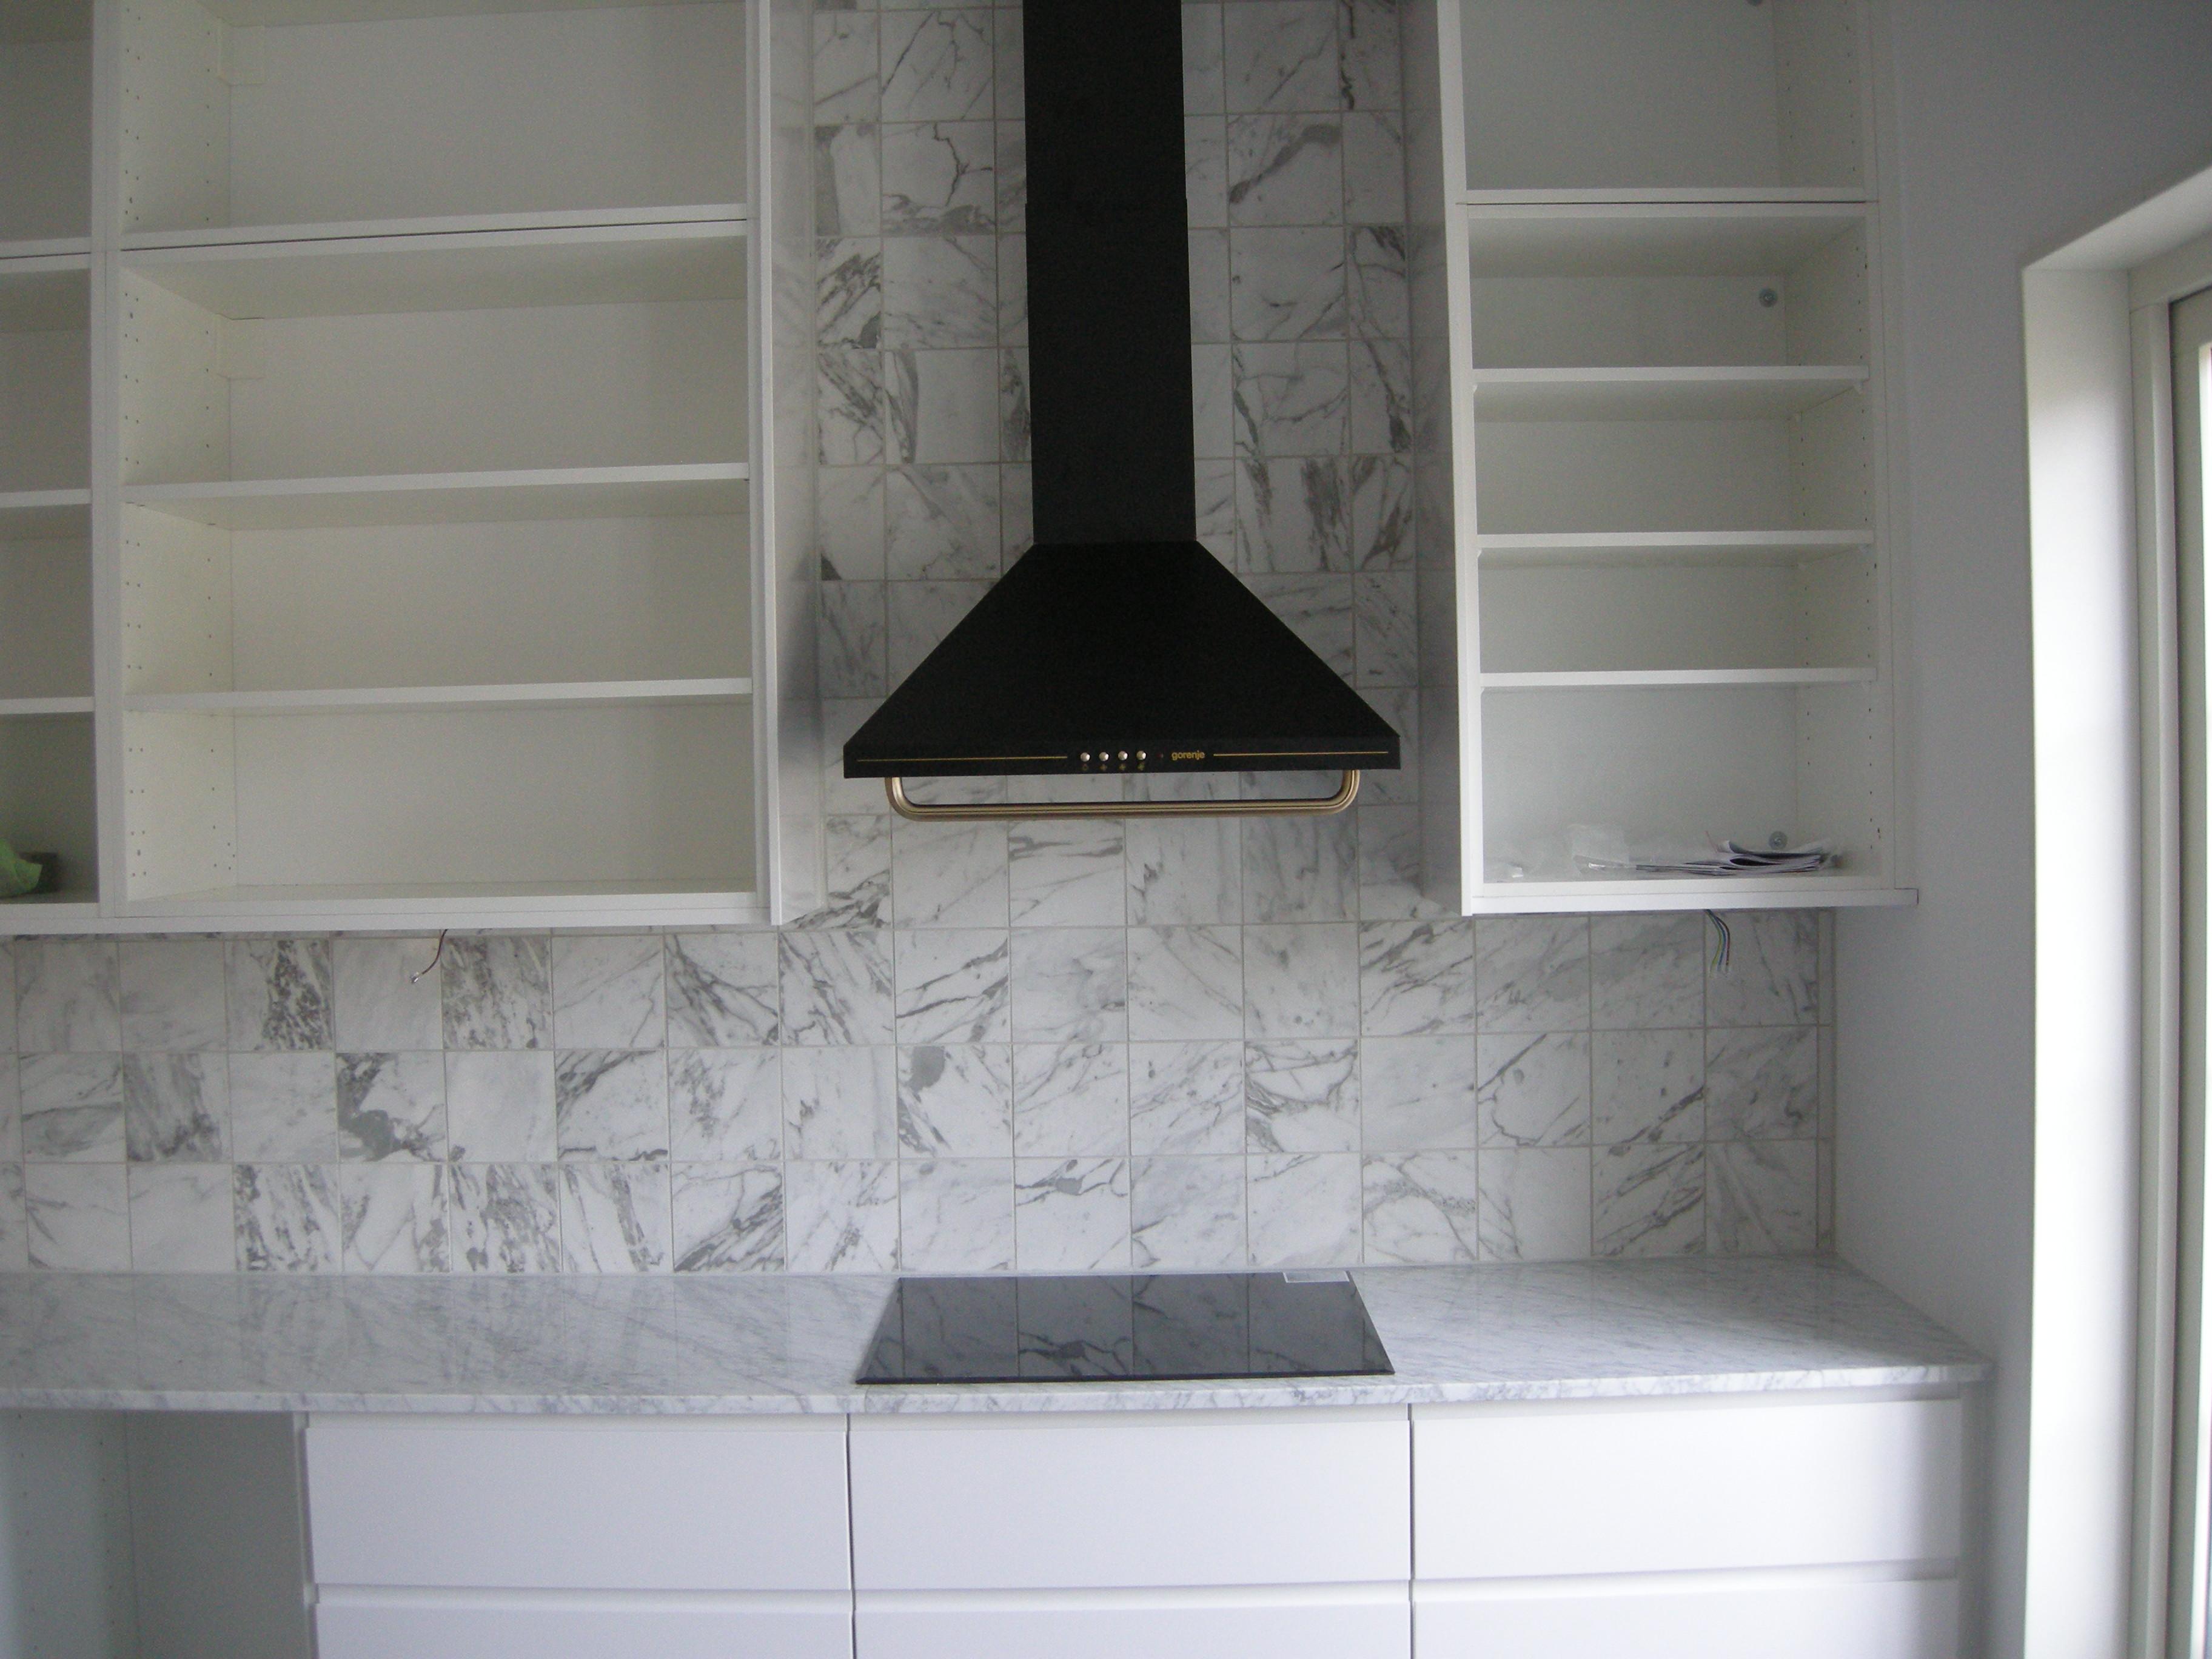 Bild på fläkt och marmorbänk under köksrenovering